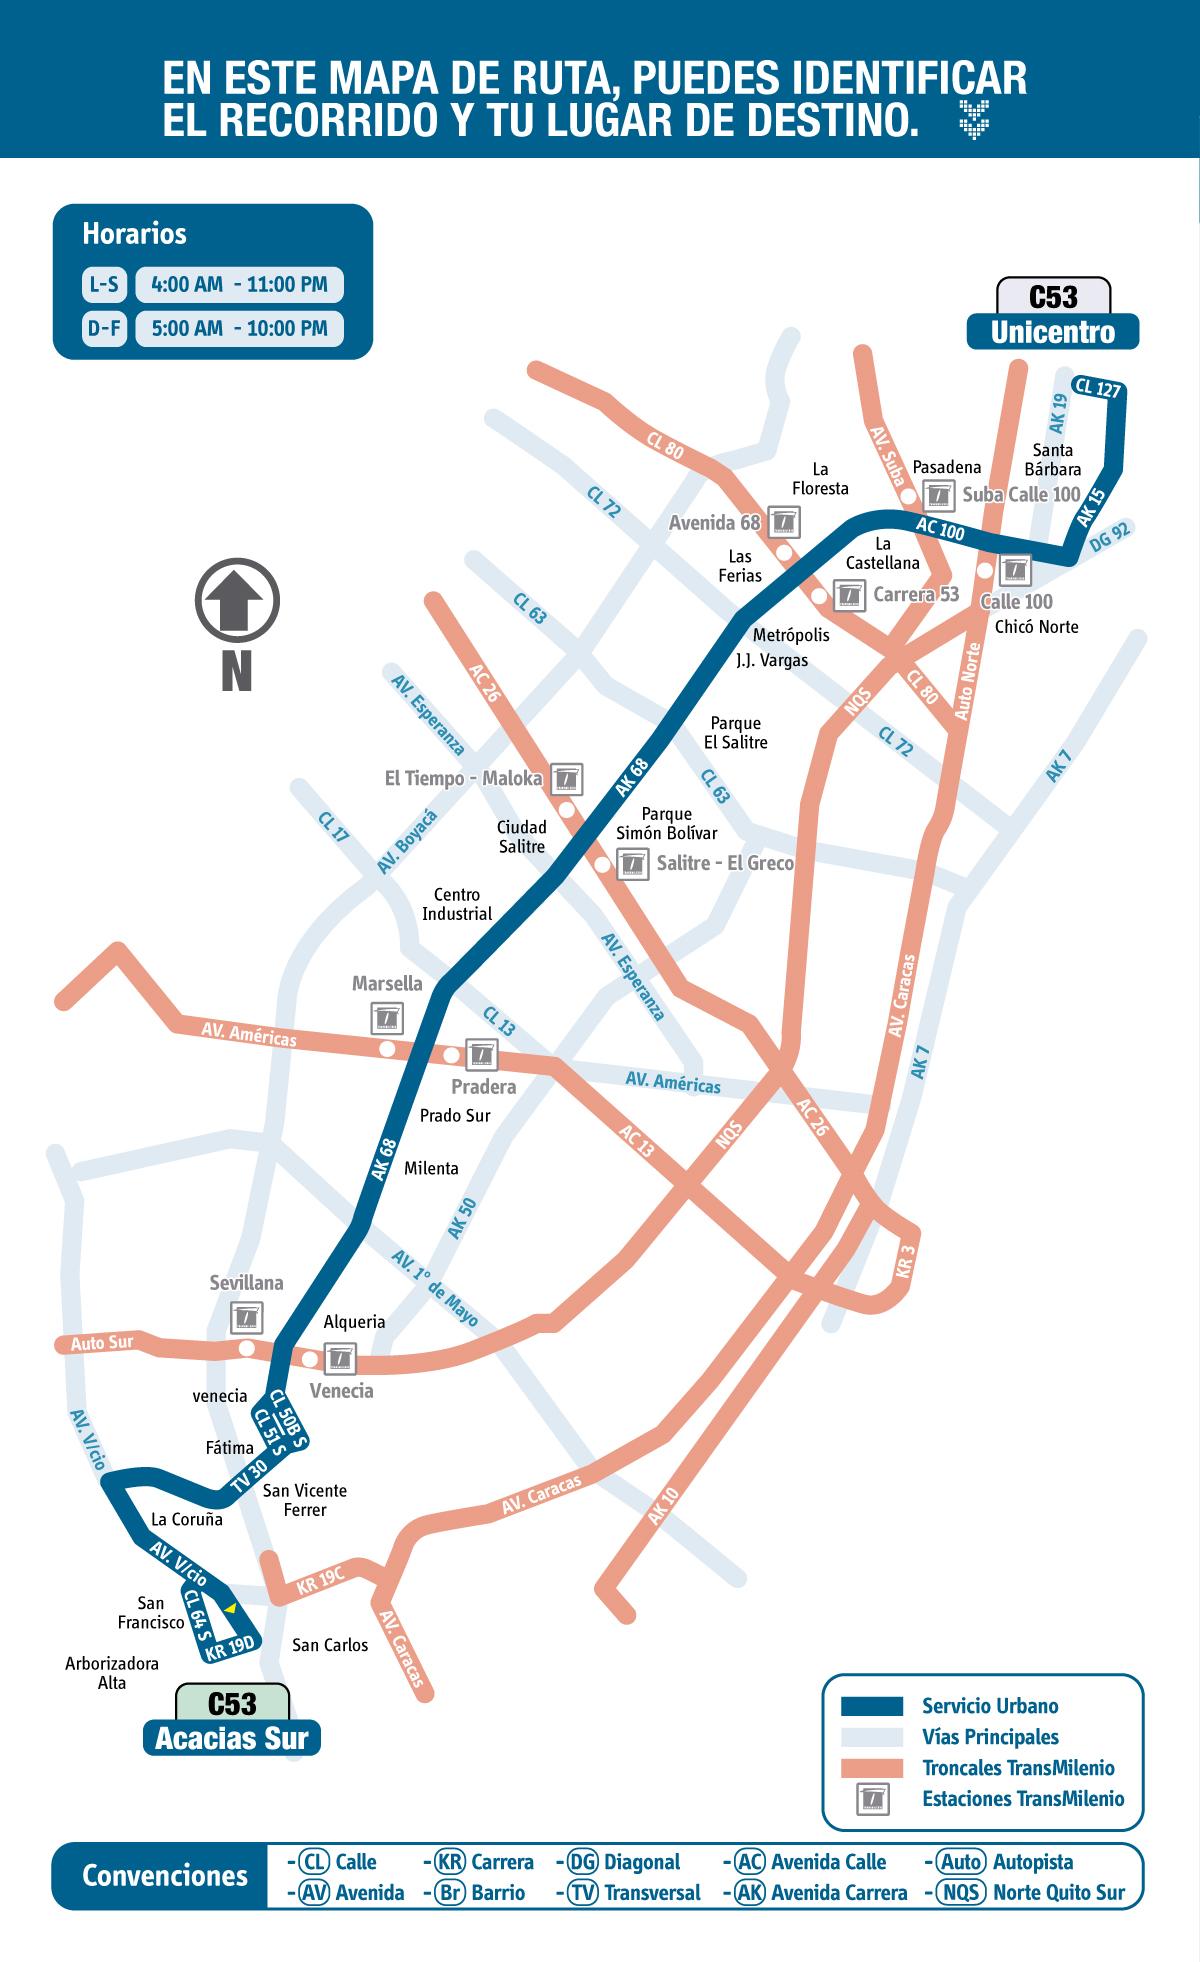 Mapa Esquemático Ruta Urbana C53